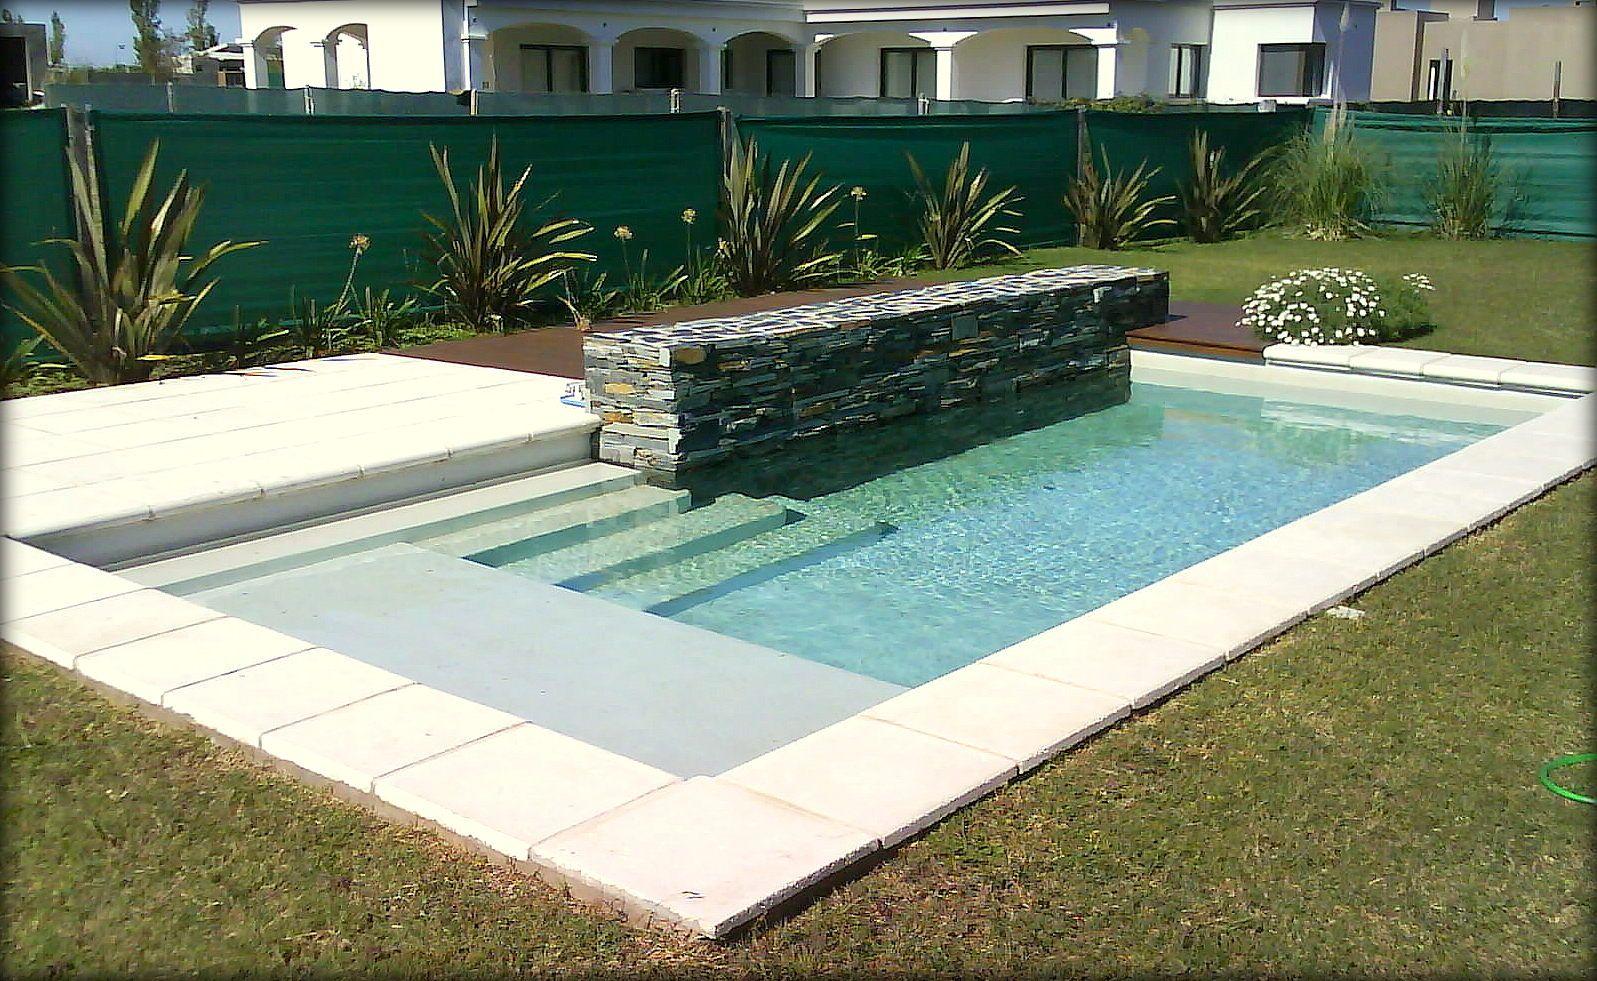 Dise o personalizados canteros revestidos en piedra deck de madera piscina familiar - Piscinas con diseno ...